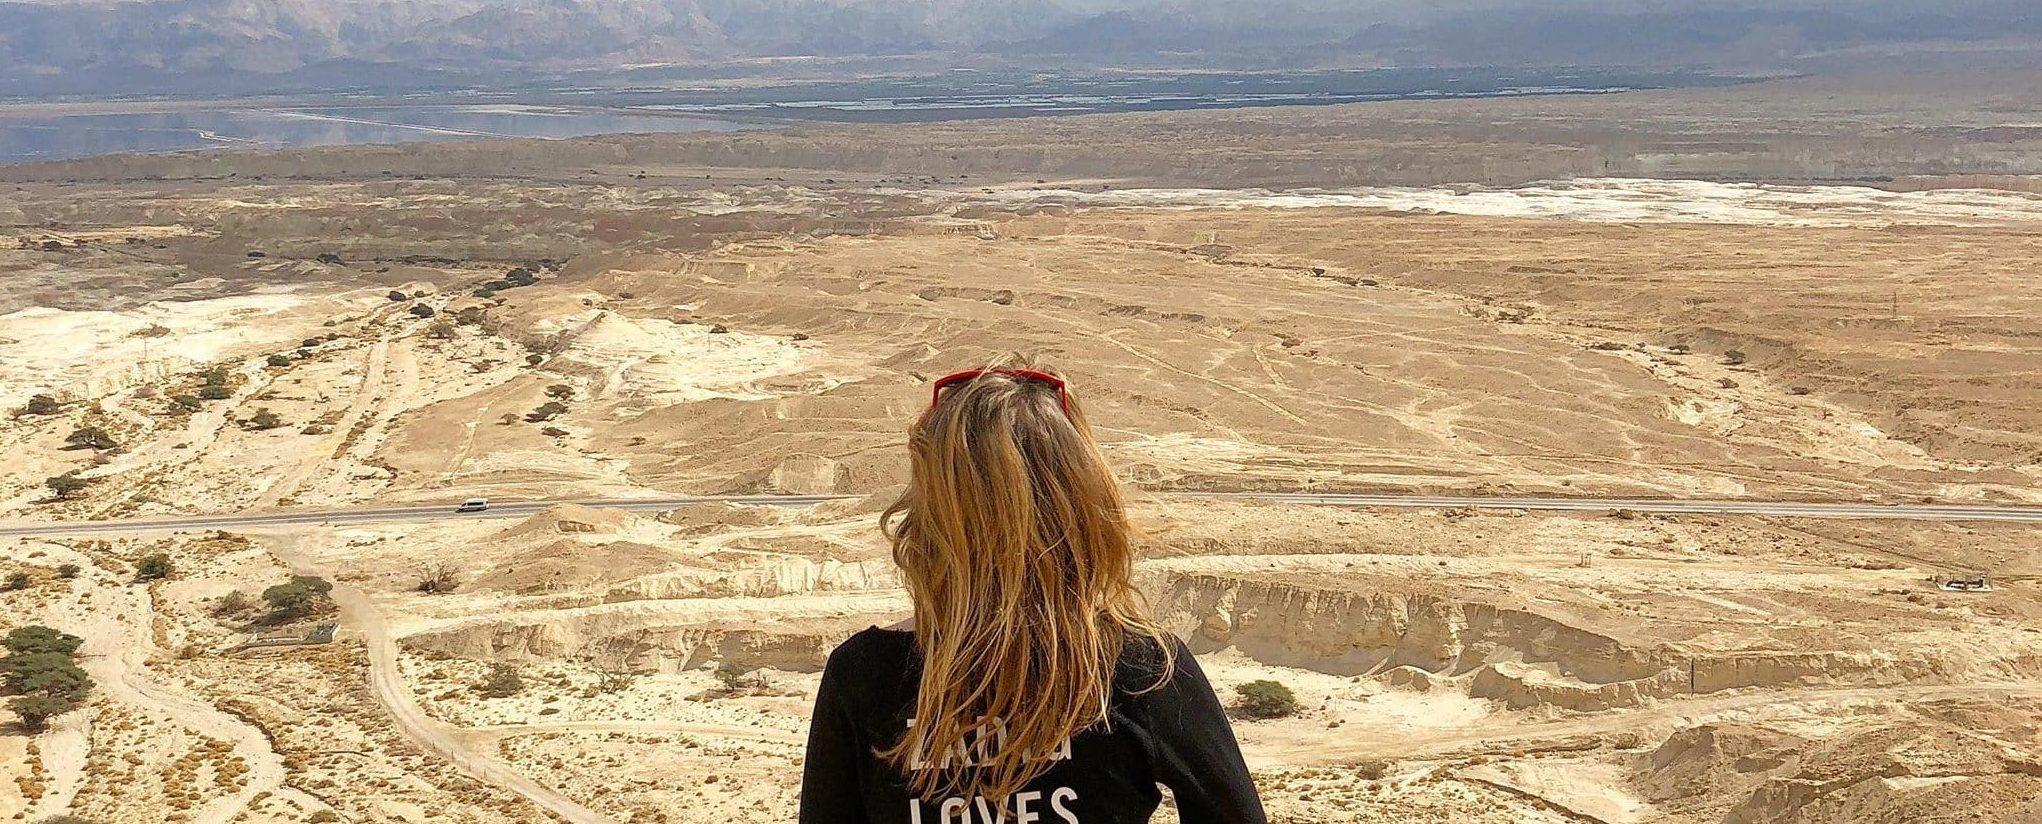 Visiter Israël: en voiture, en 3 jours - de Tel Aviv au désert du Negev